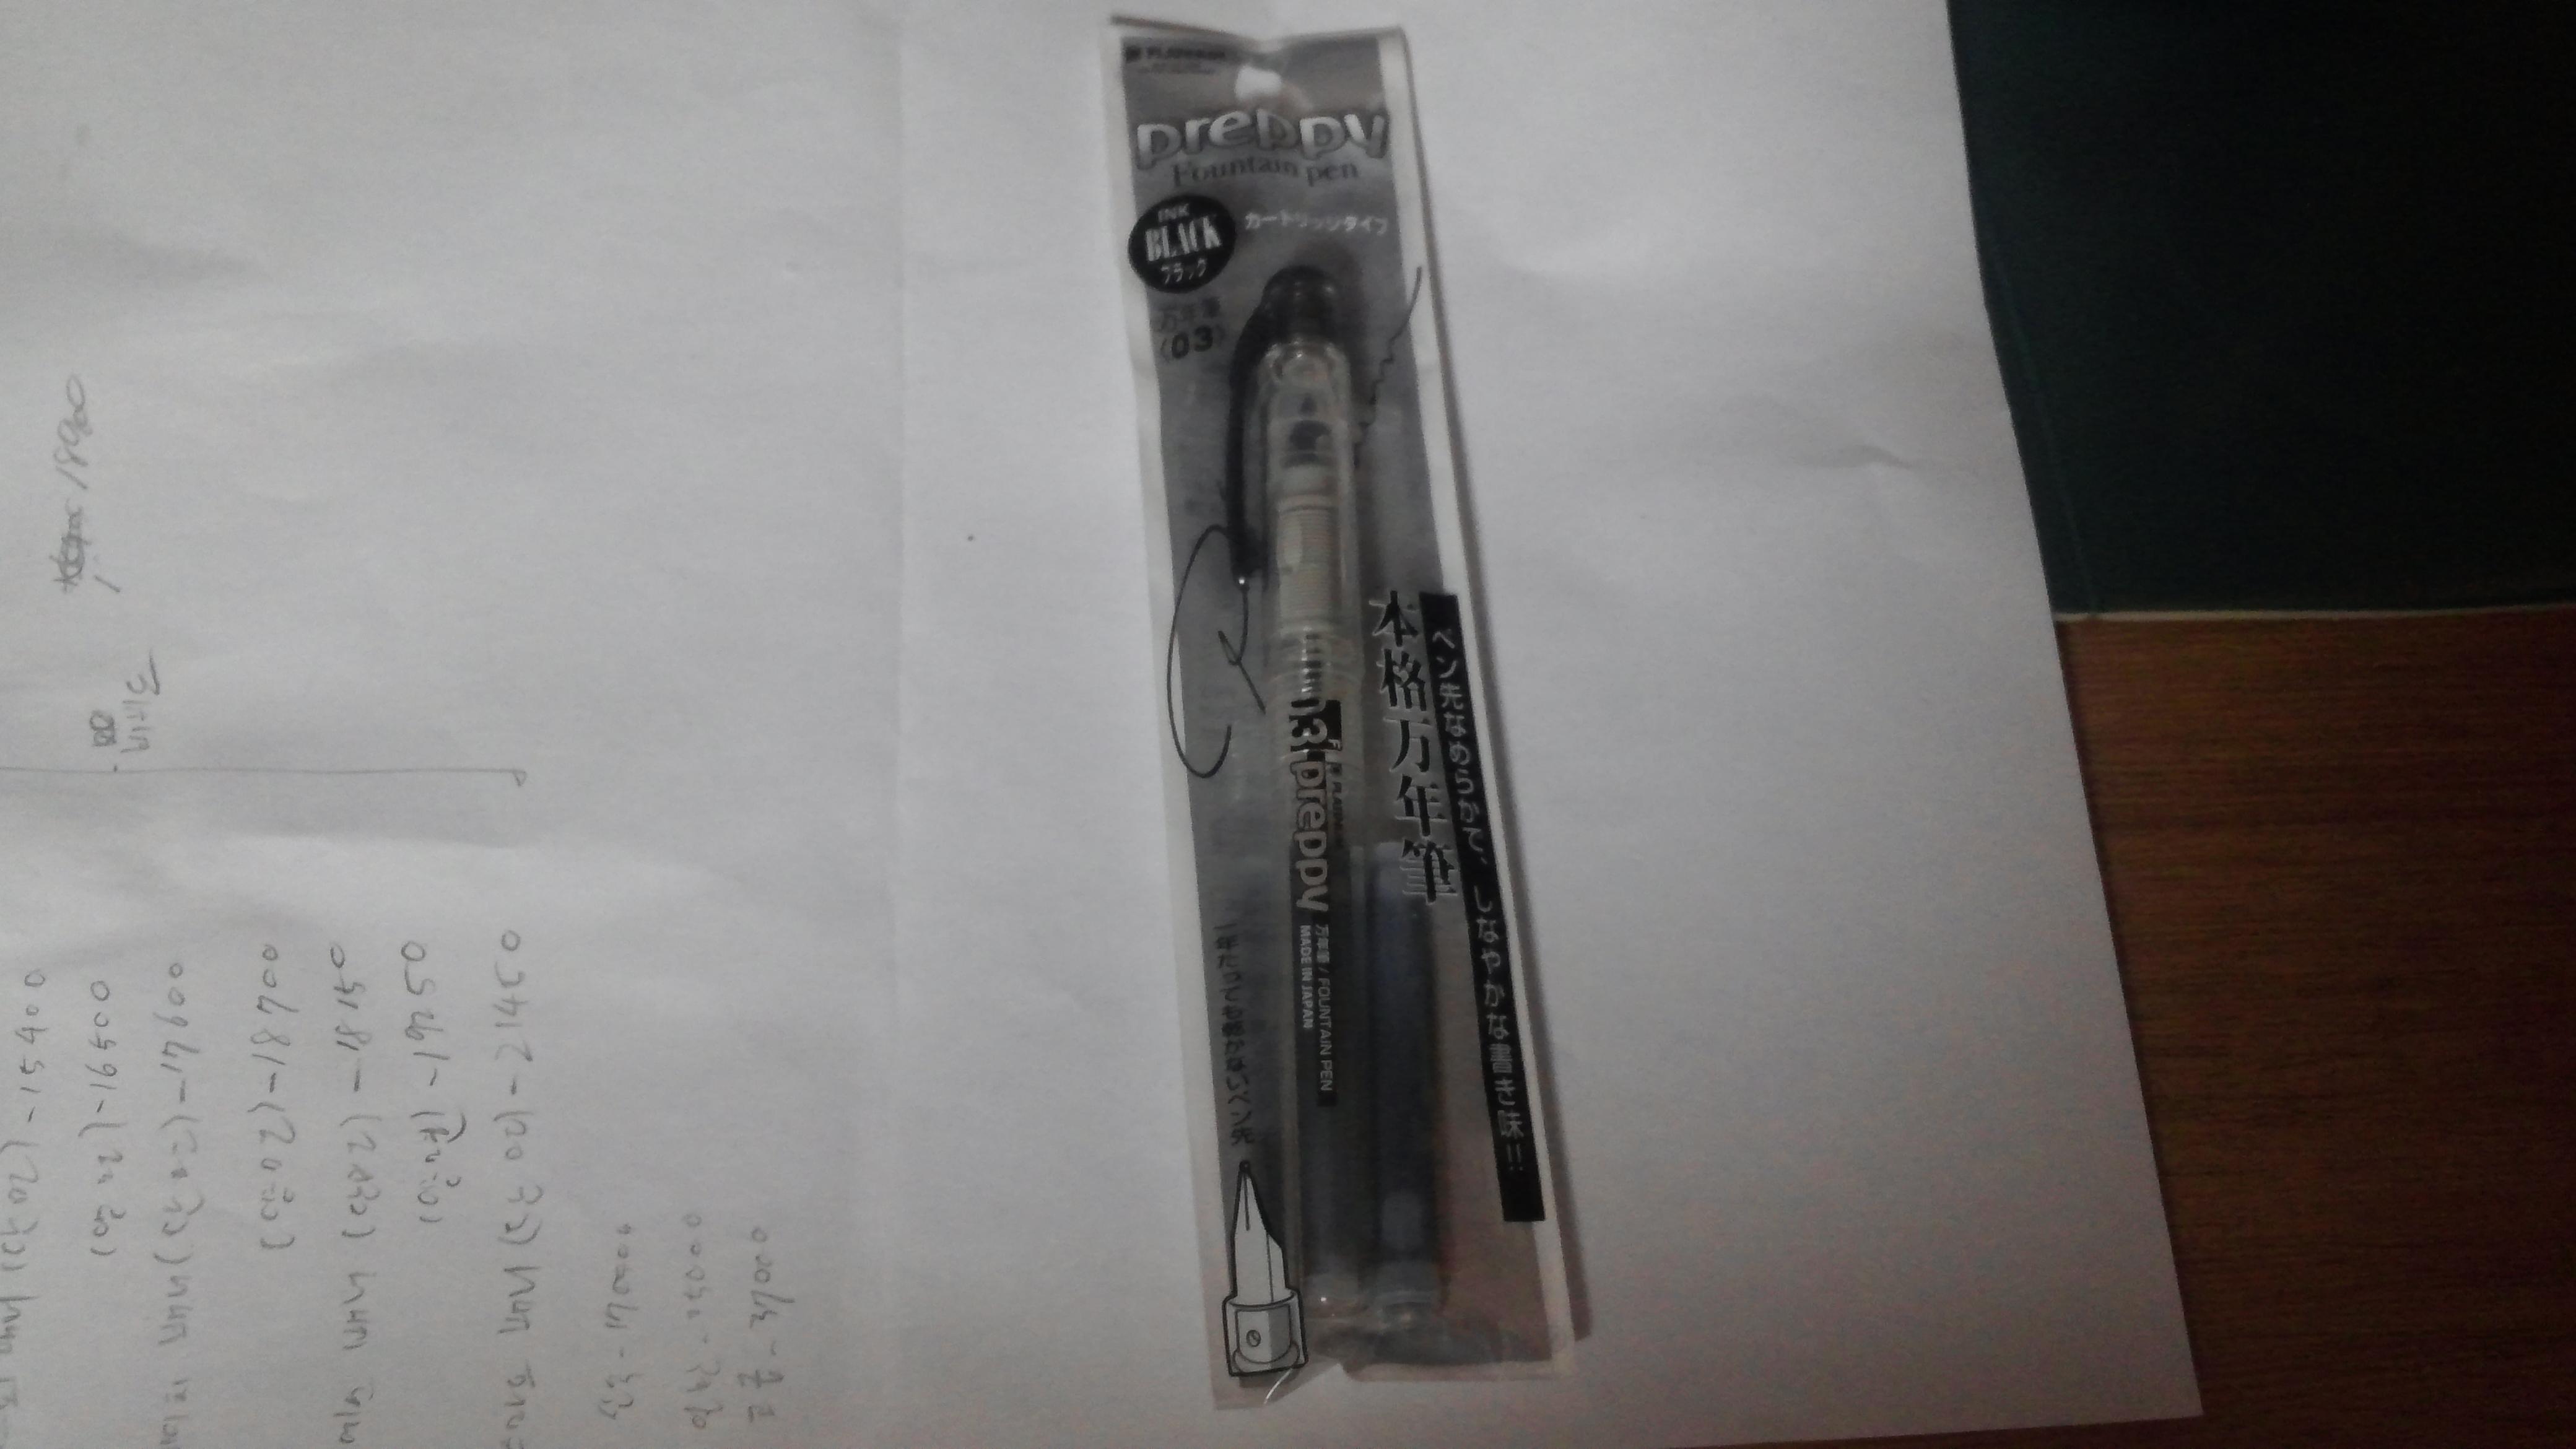 연습용으로 저렴한 만연필을 하나 질렀습니다.